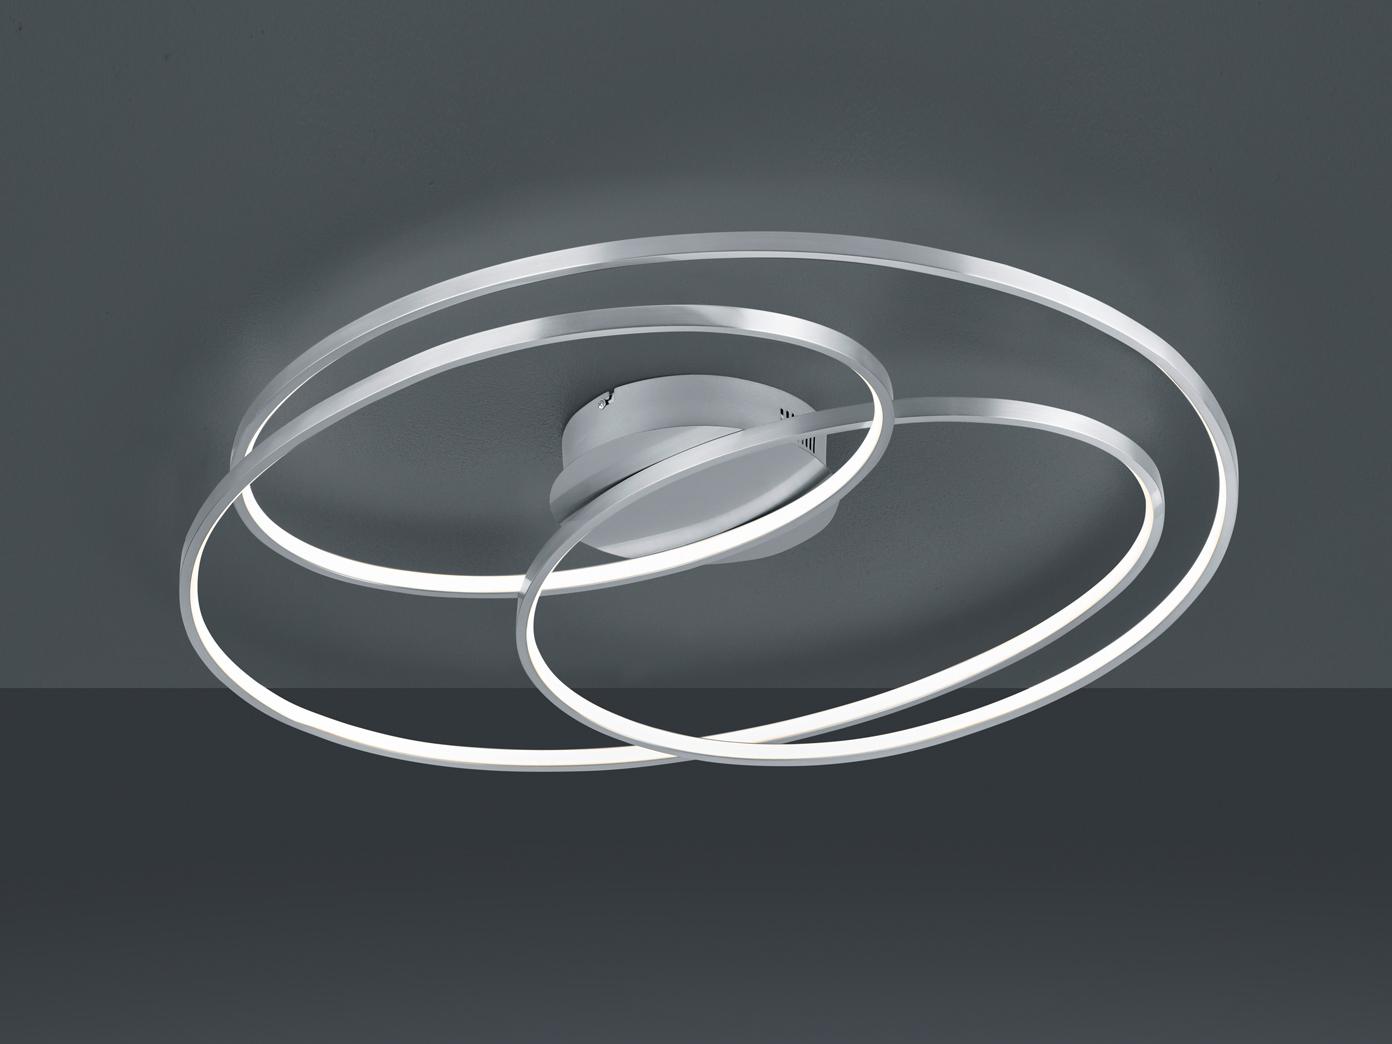 Ovale Led Deckenlampe Fur Grosse Raume Schone Wohnzimmerlampe Uber Couchtisch Kaufen Bei Setpoint Deutschland Gmbh